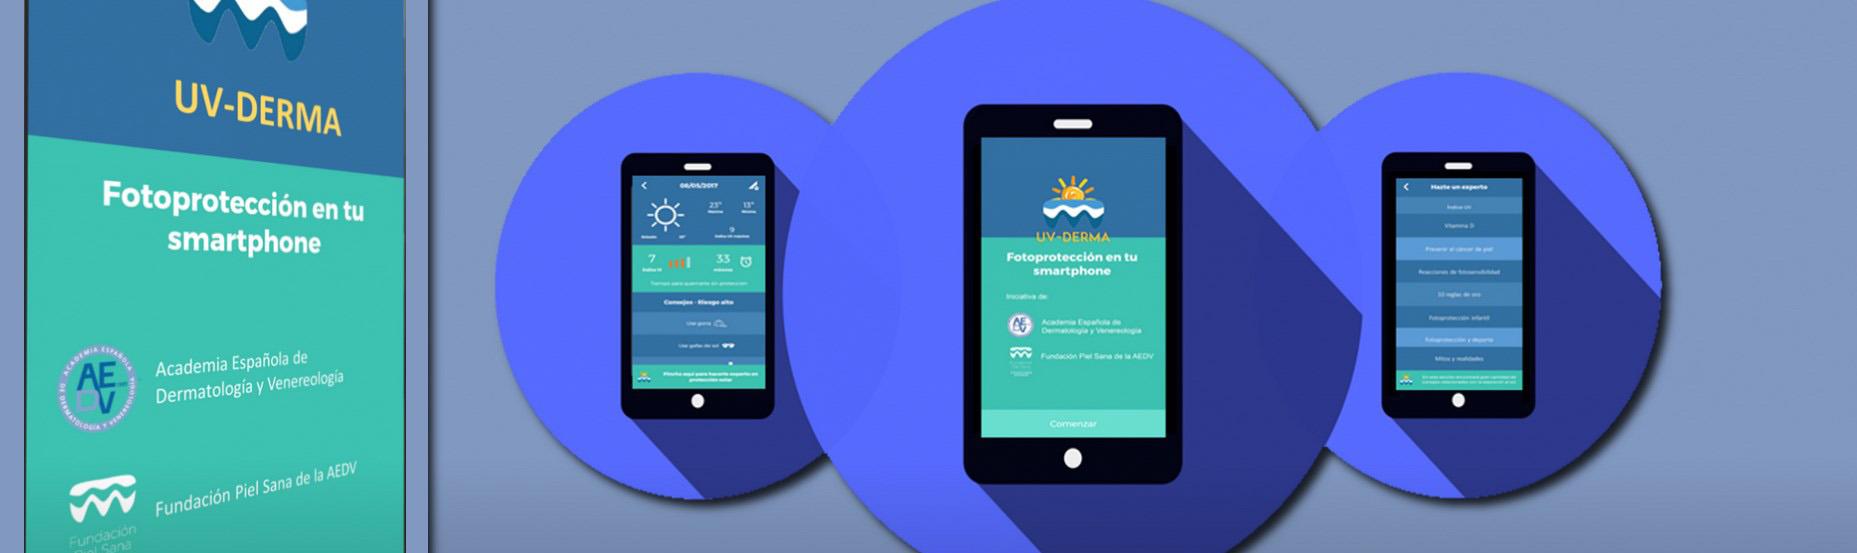 app-uvderma